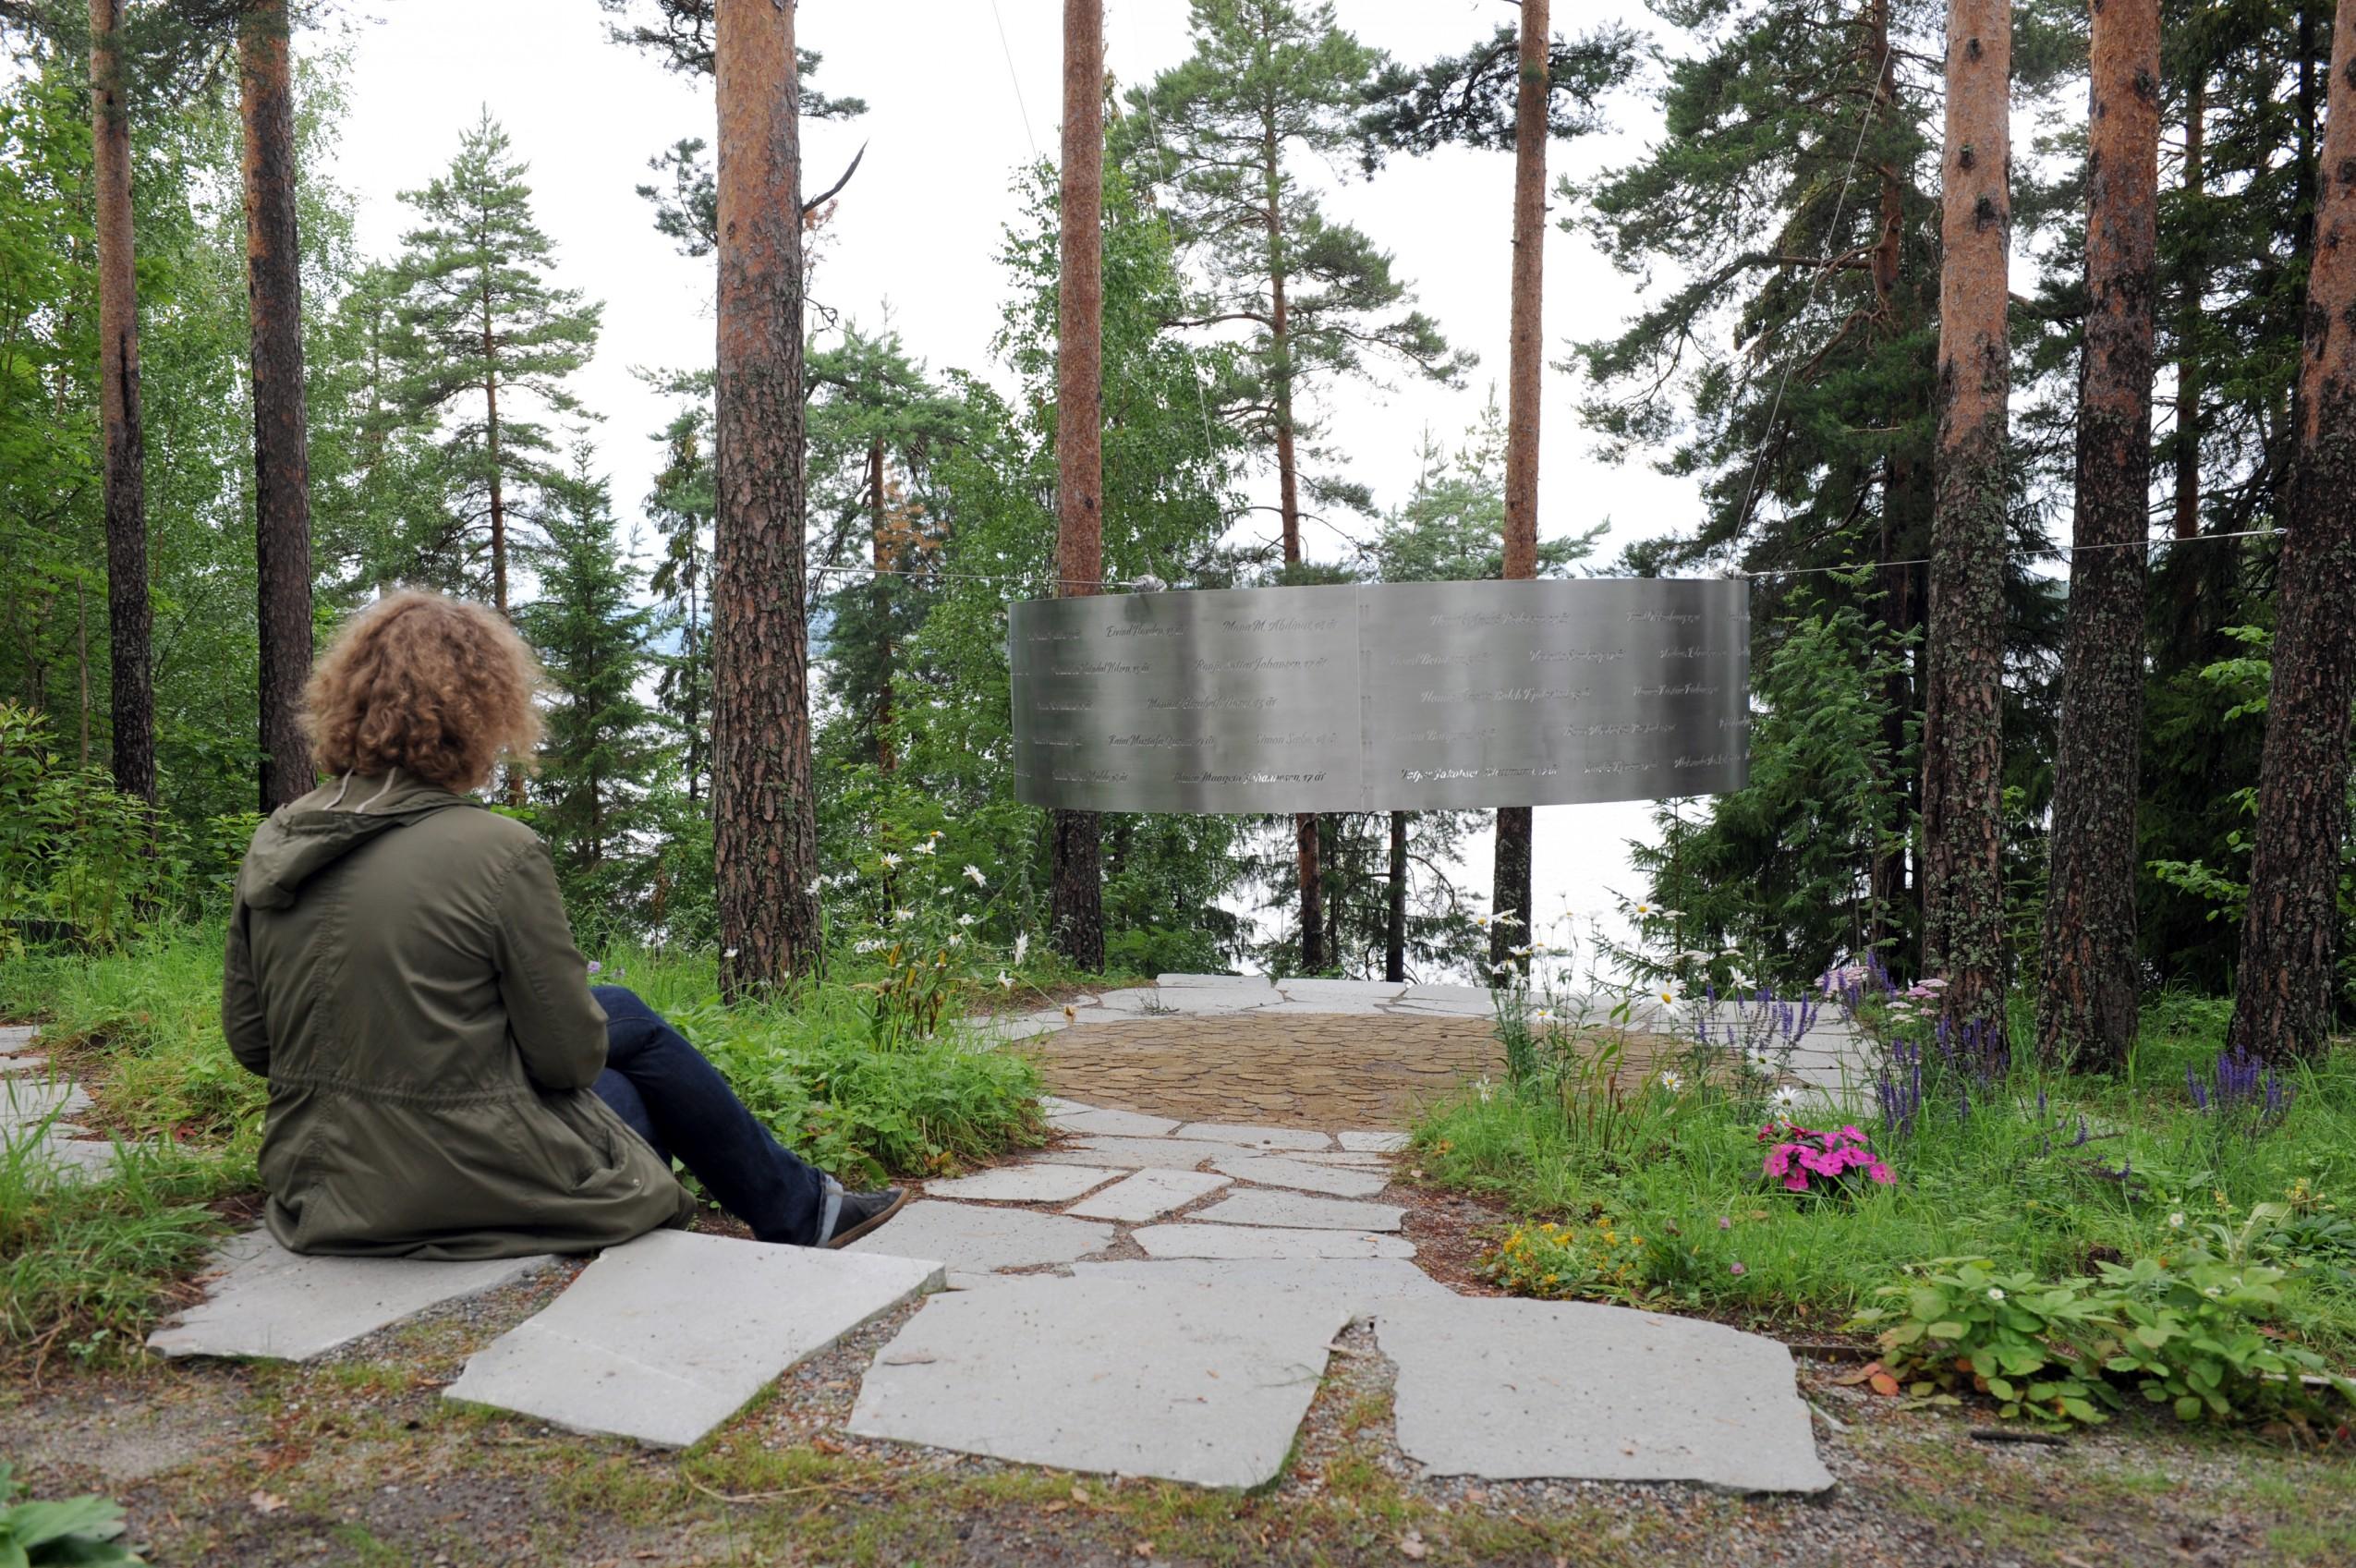 Monumento a las víctimas de Utøya. Fotografía: Corbis